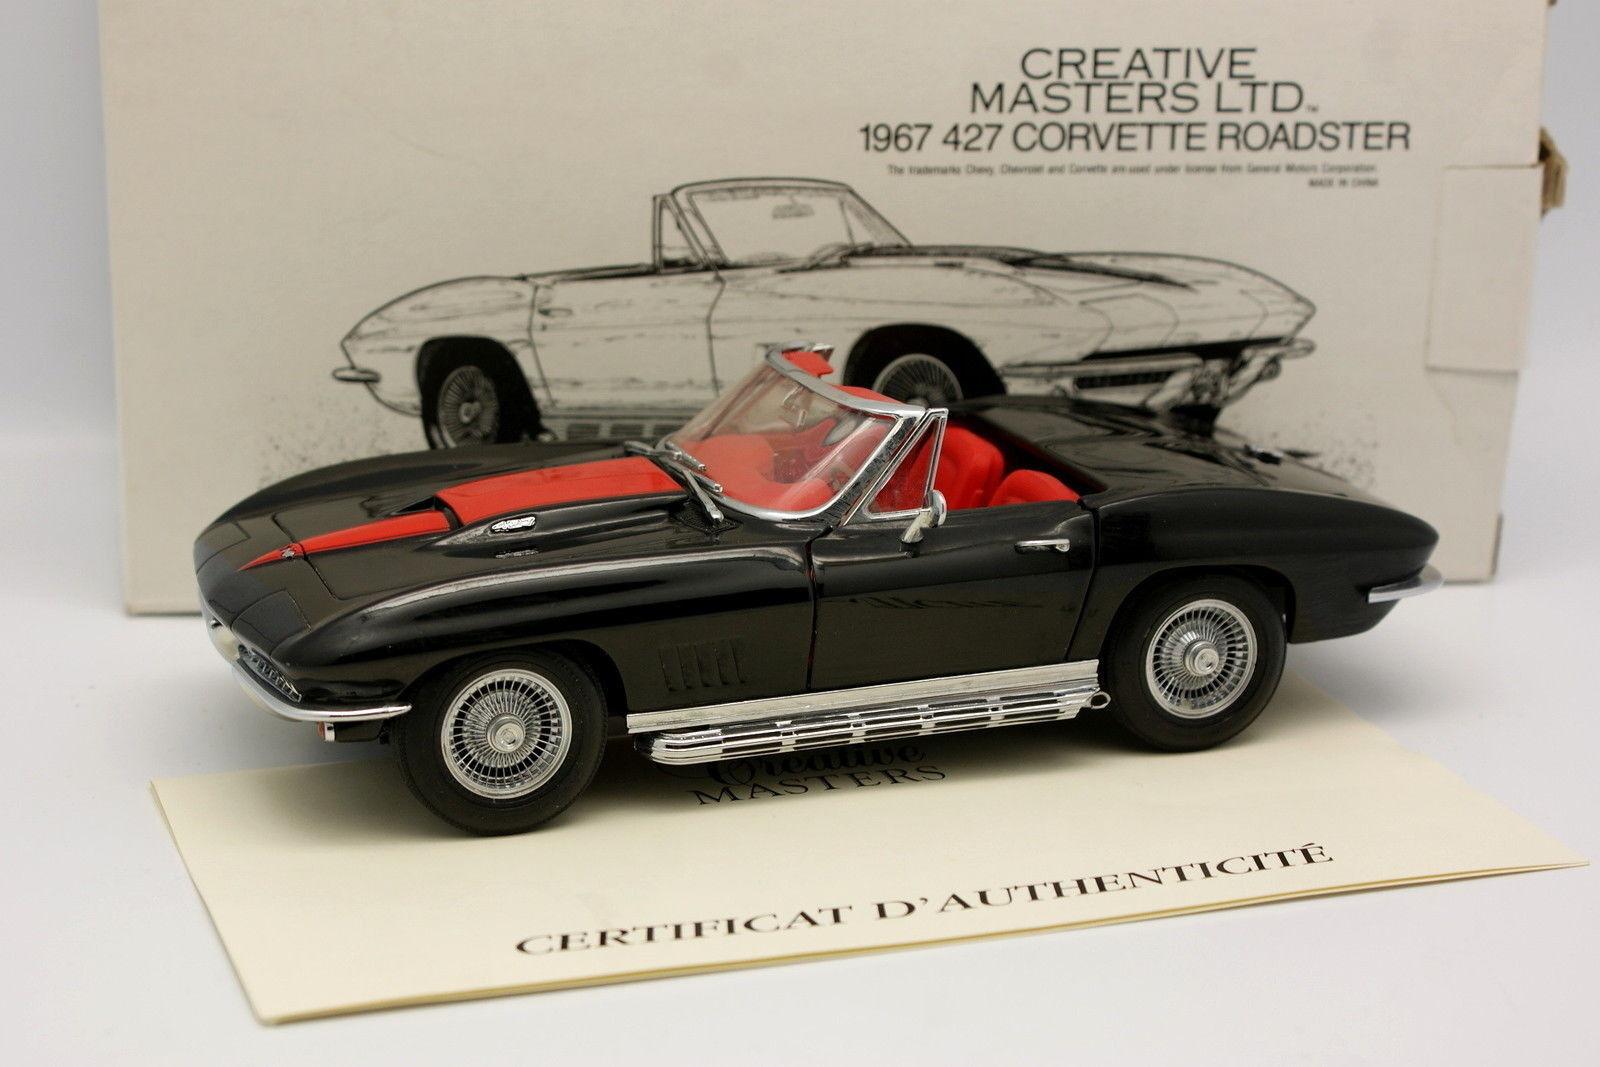 Revell Creative Masters 1 20 - Chevrolet Corvette Roadster 427 1967